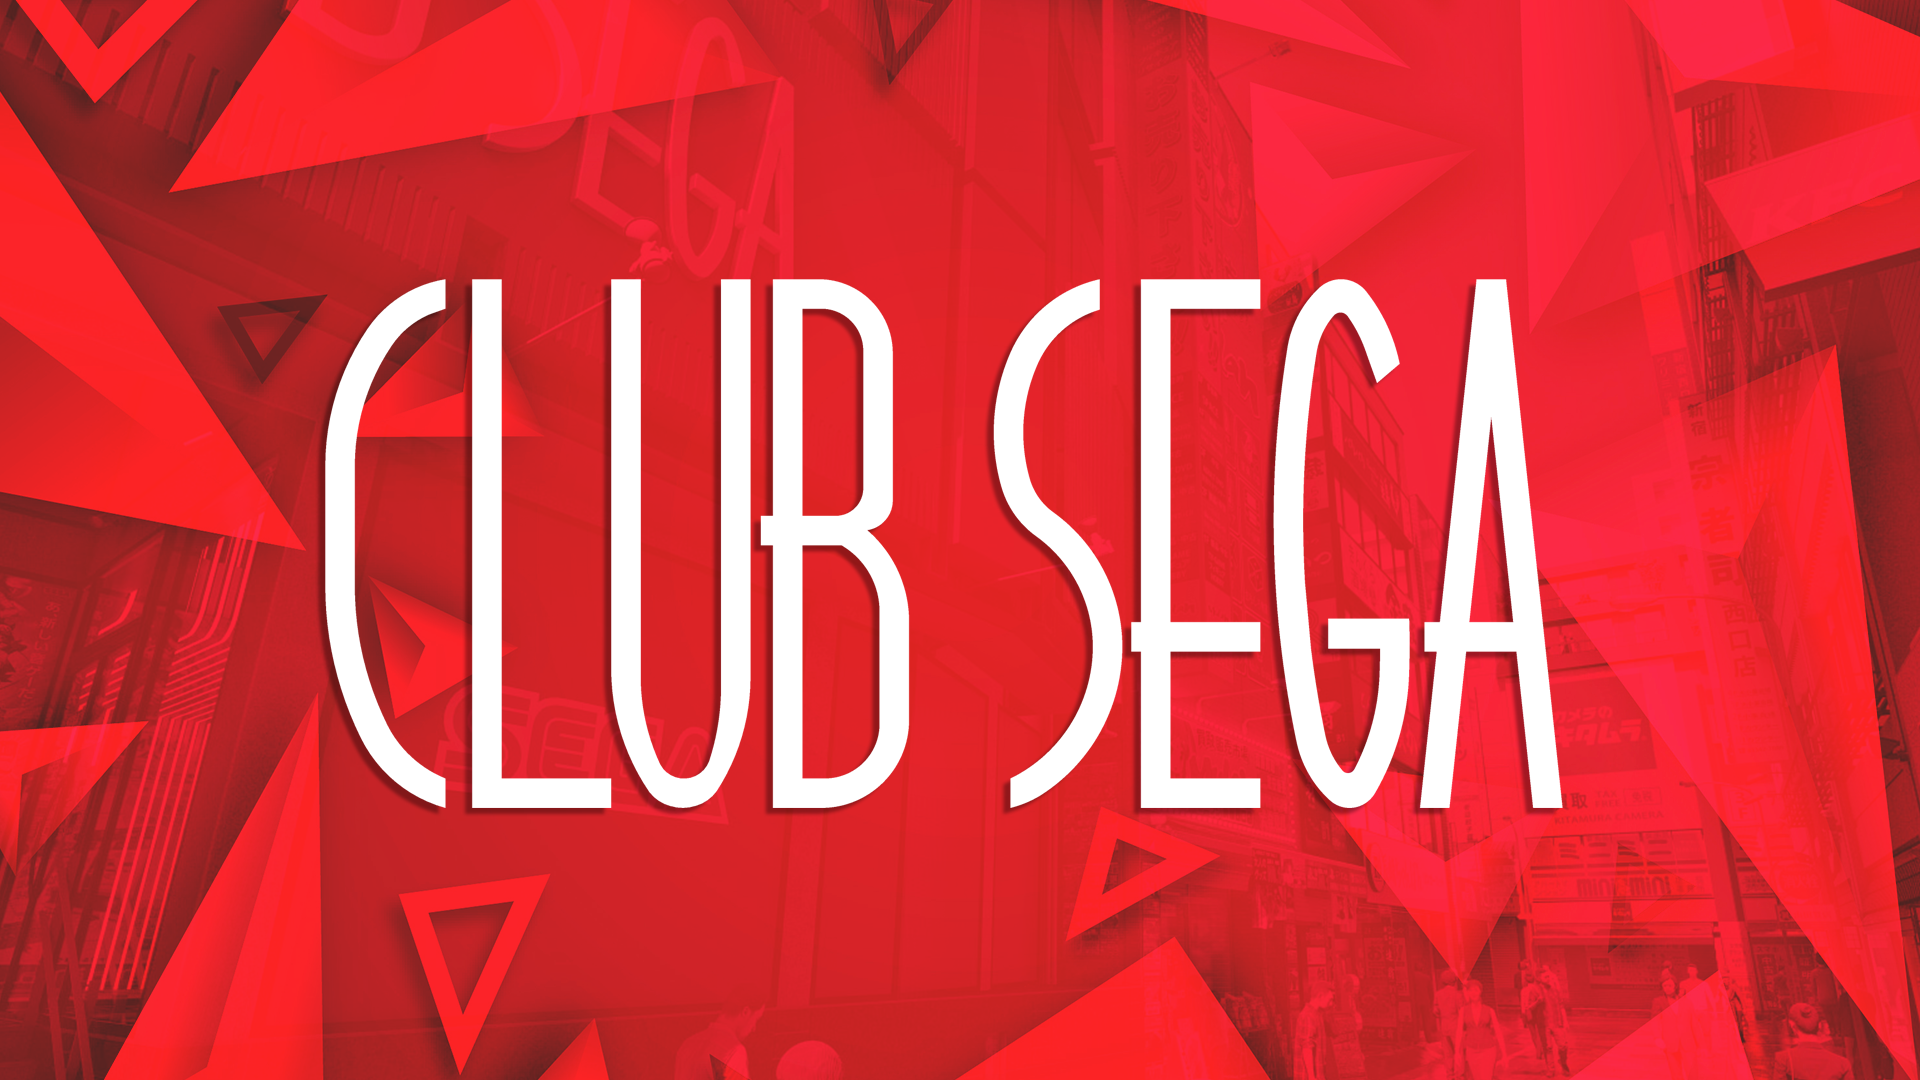 Club Sega